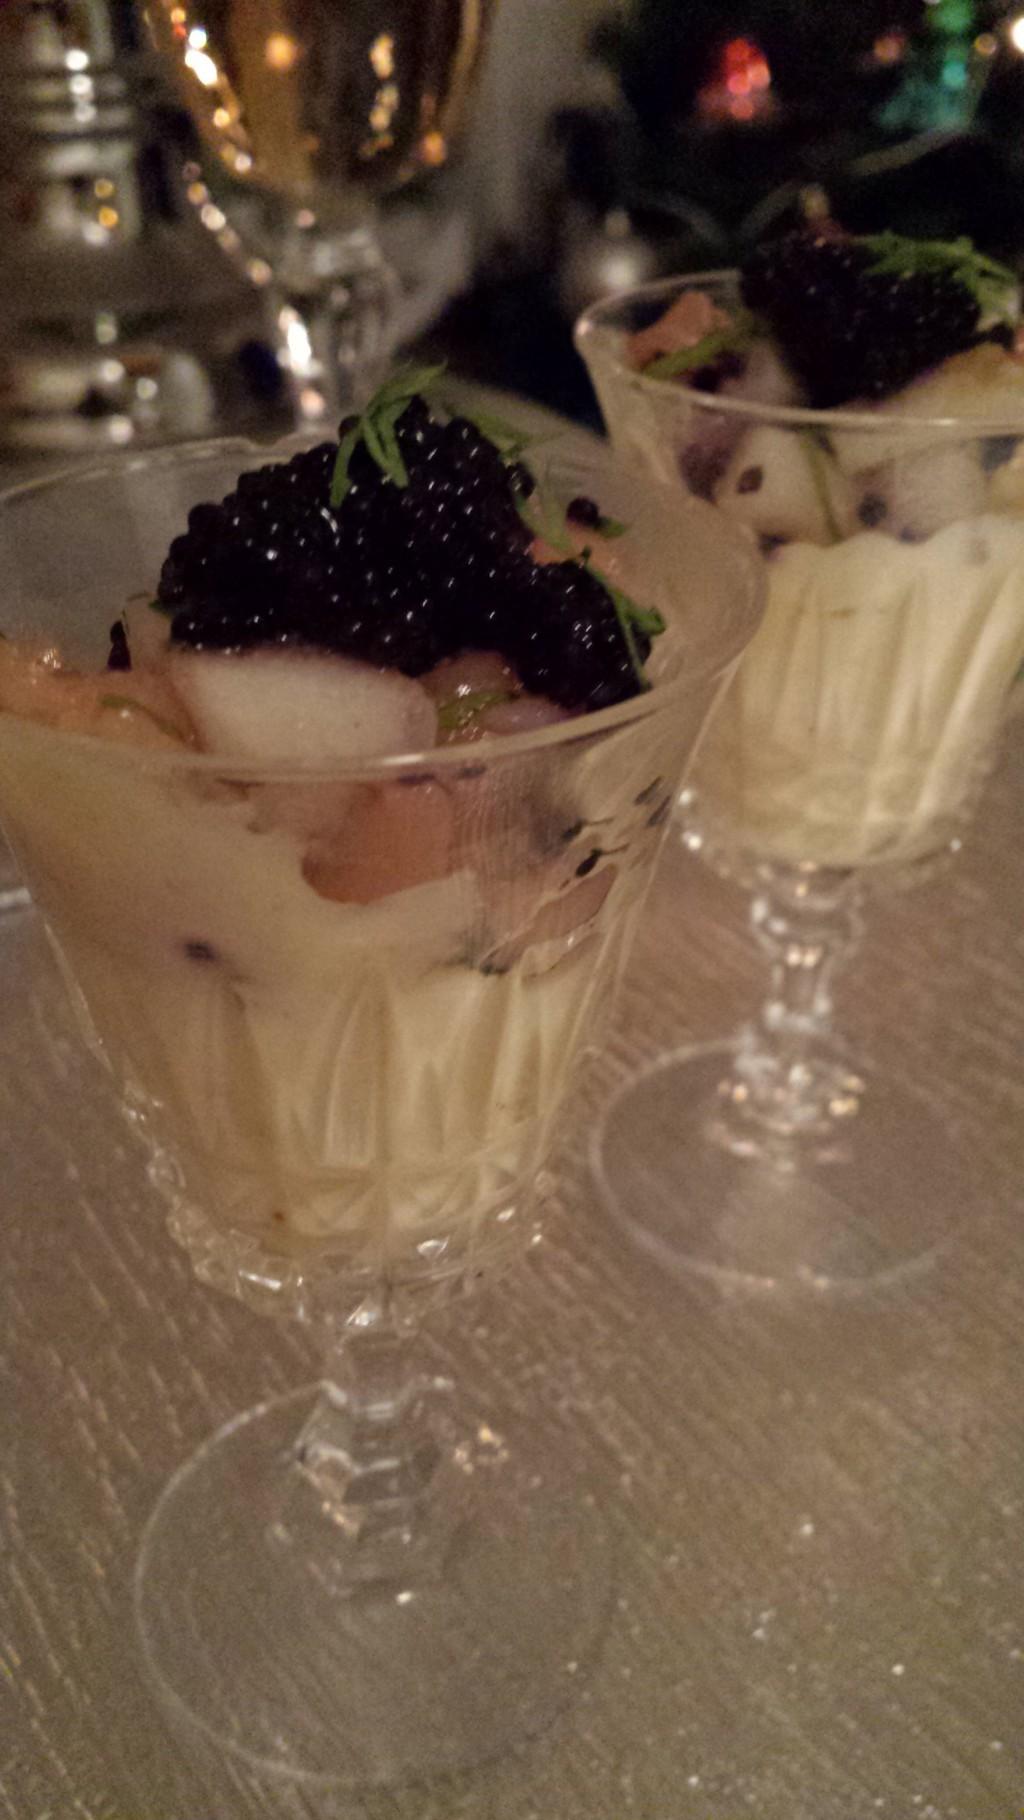 Lax och pärontartar i glas på en bädd av västerbottenostkräm